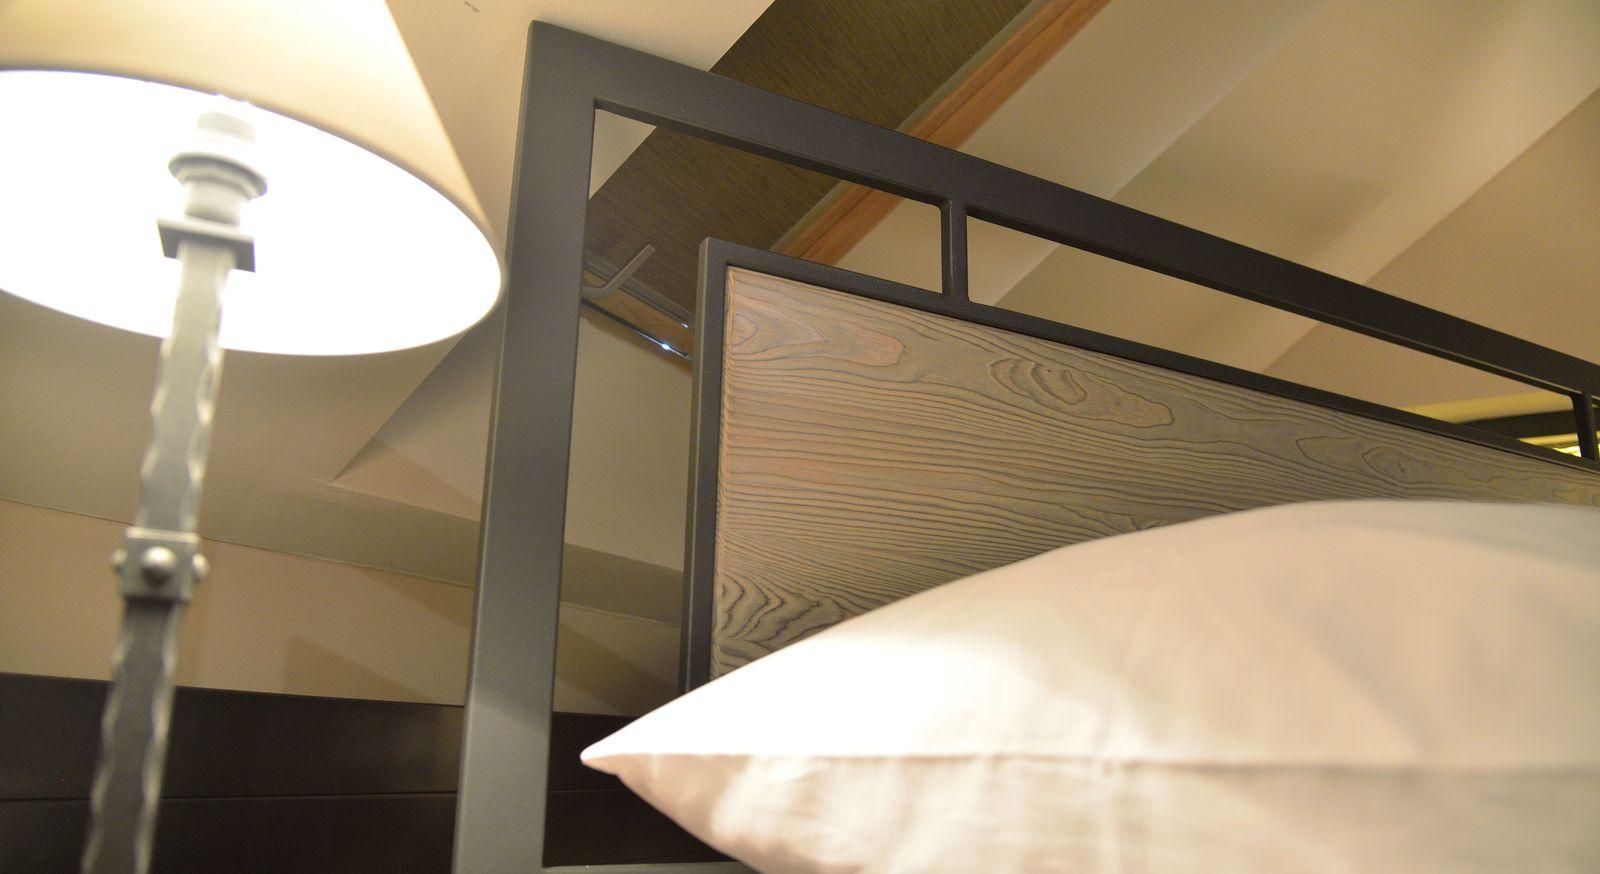 Metallbett Tarvisio mit elegantem Massivholzeinsatz am Kopfteil